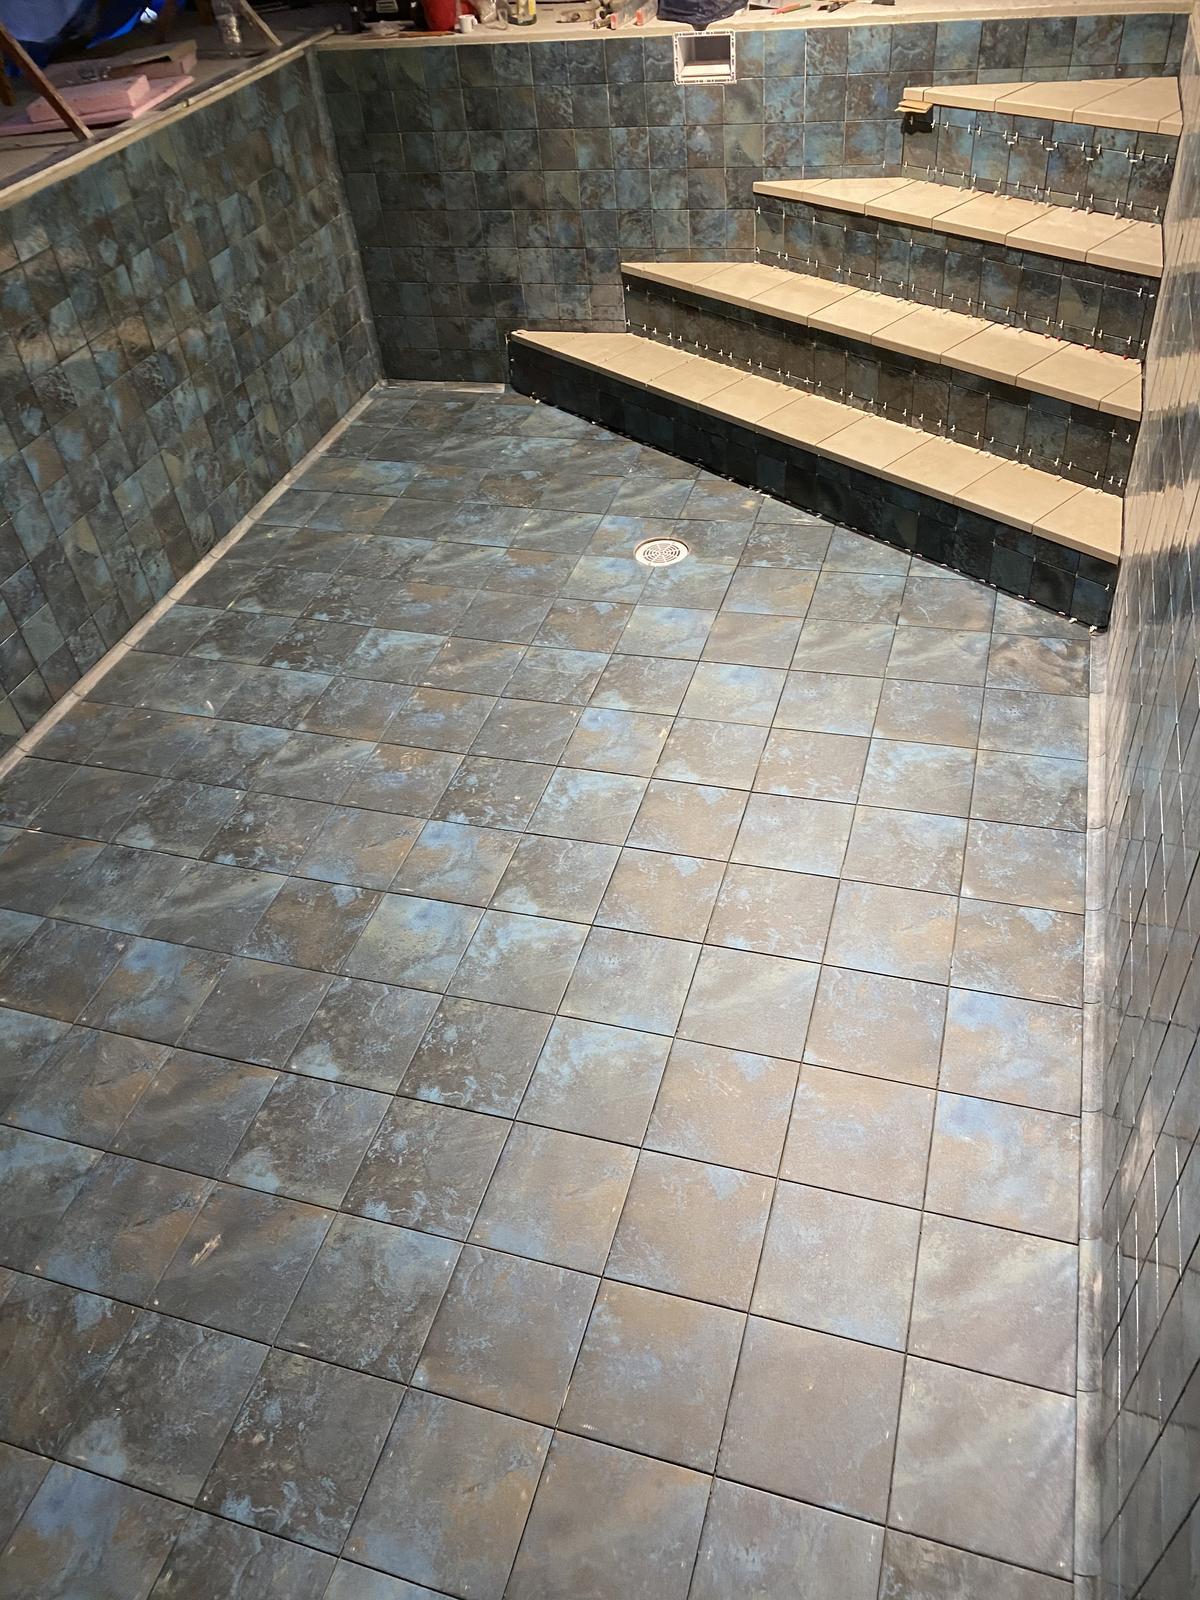 Exterierové dlažby a obklady na terasy, schody, bazeny - realizacia bazenu s dlažbami od Gres Aragon